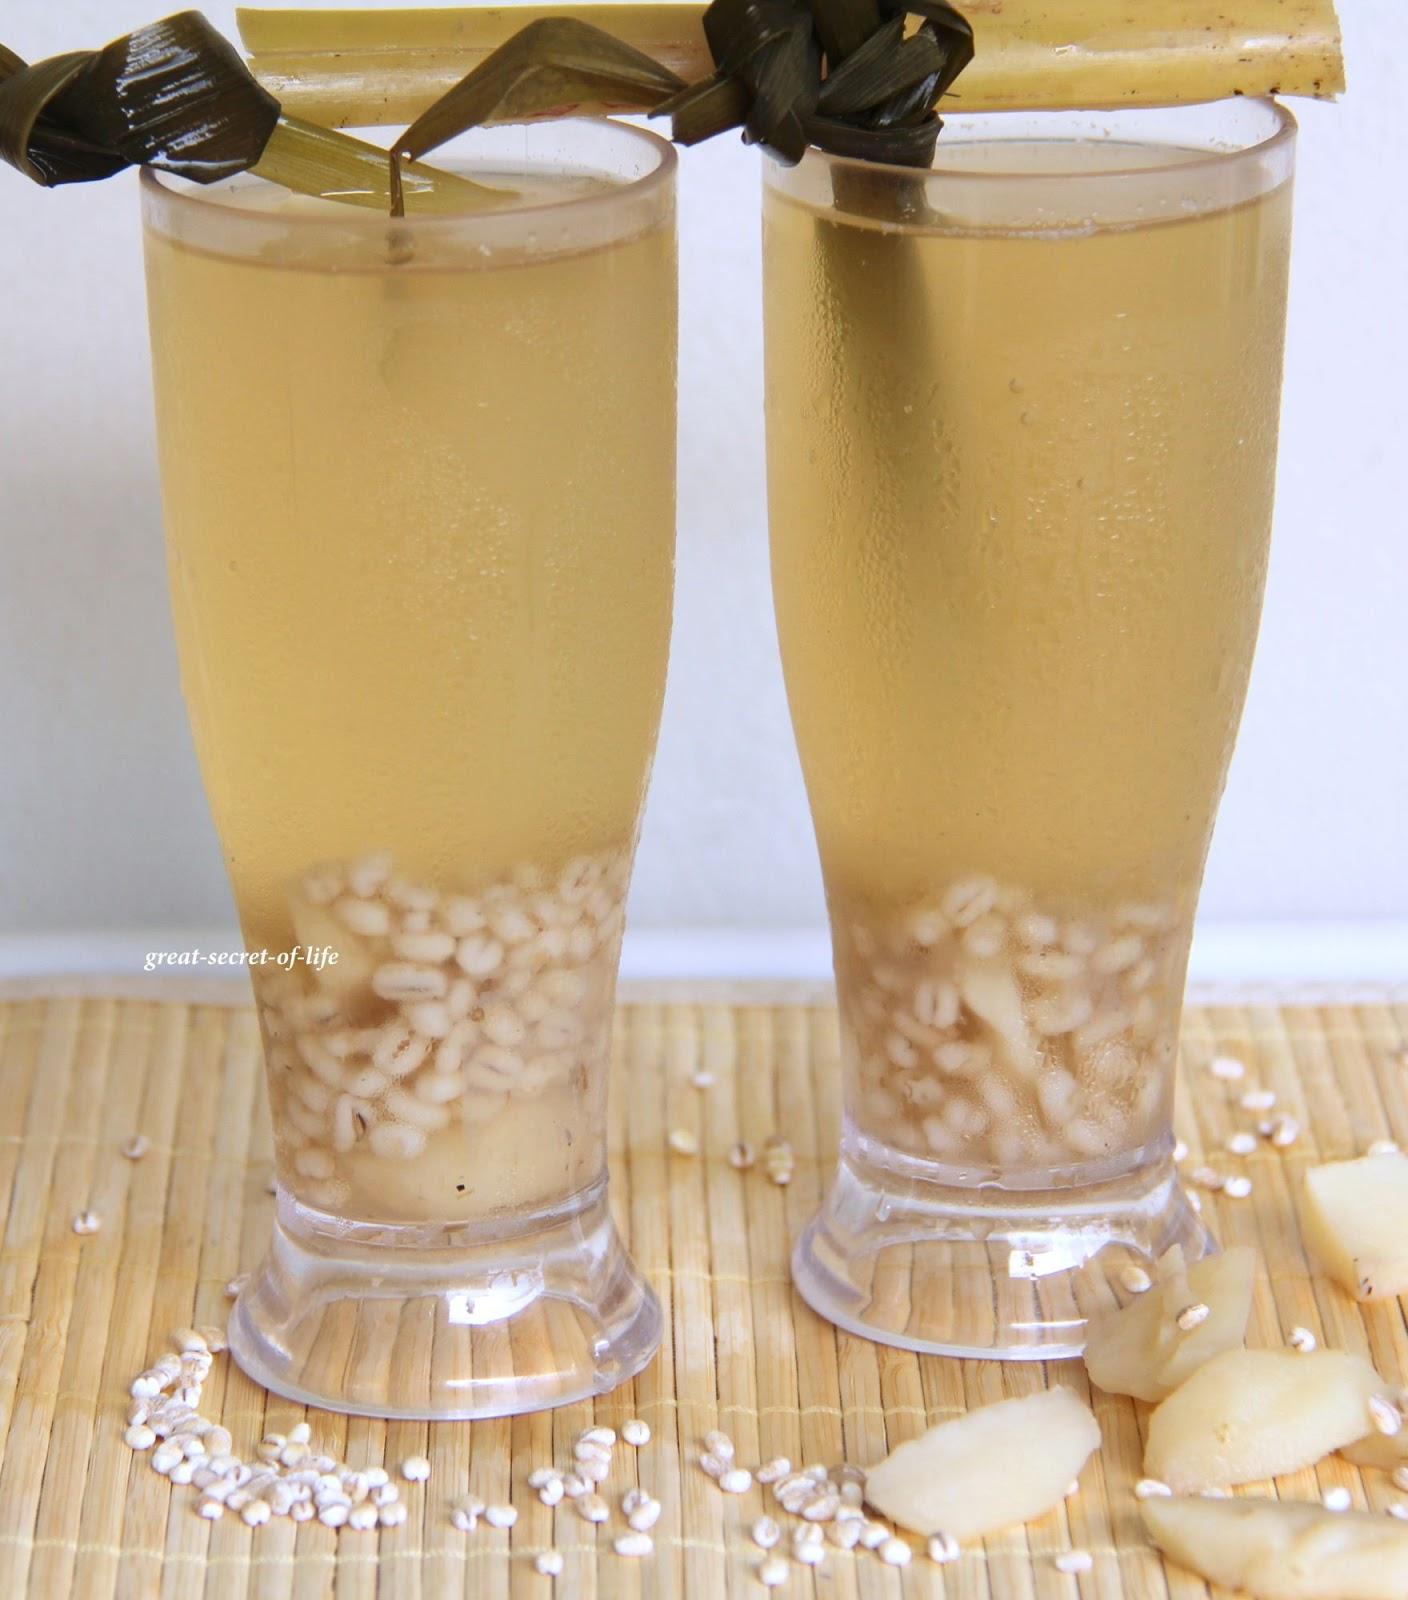 فوائد ماء الشعير للعلاج والوقاية من الأمراض